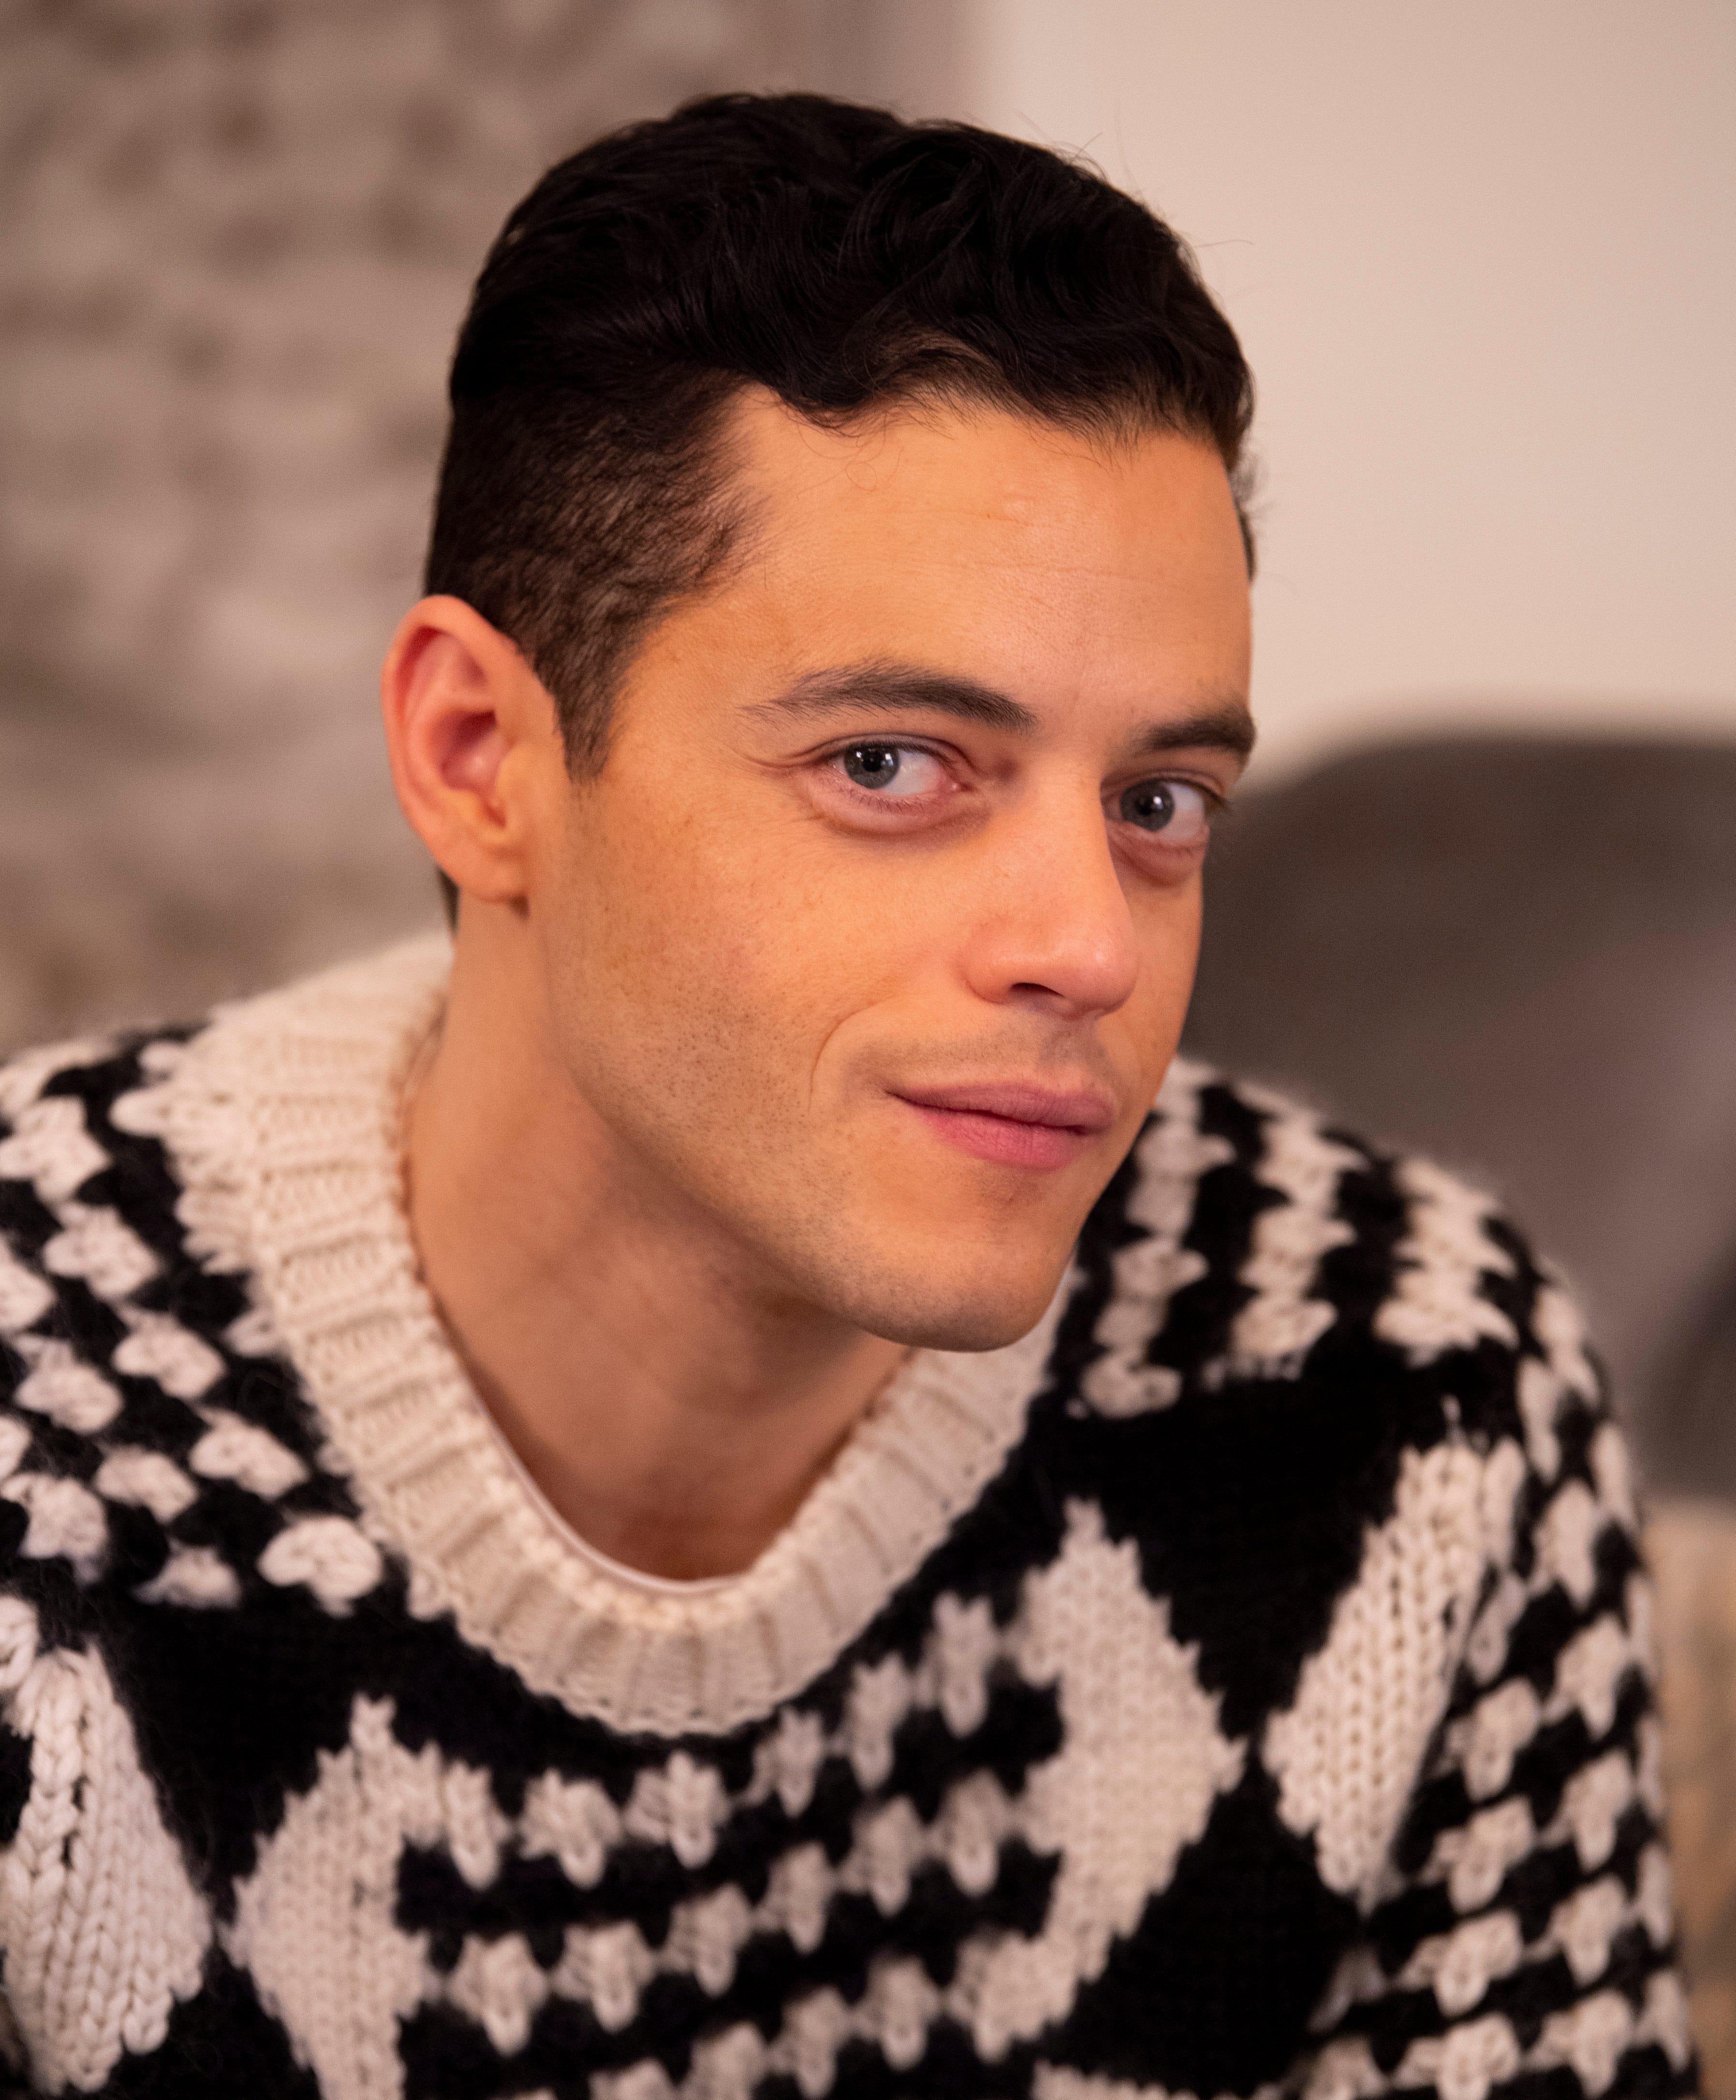 10/29/18 9:53:31 AM -- New York, NY -- Emmy winner Rami Malek (